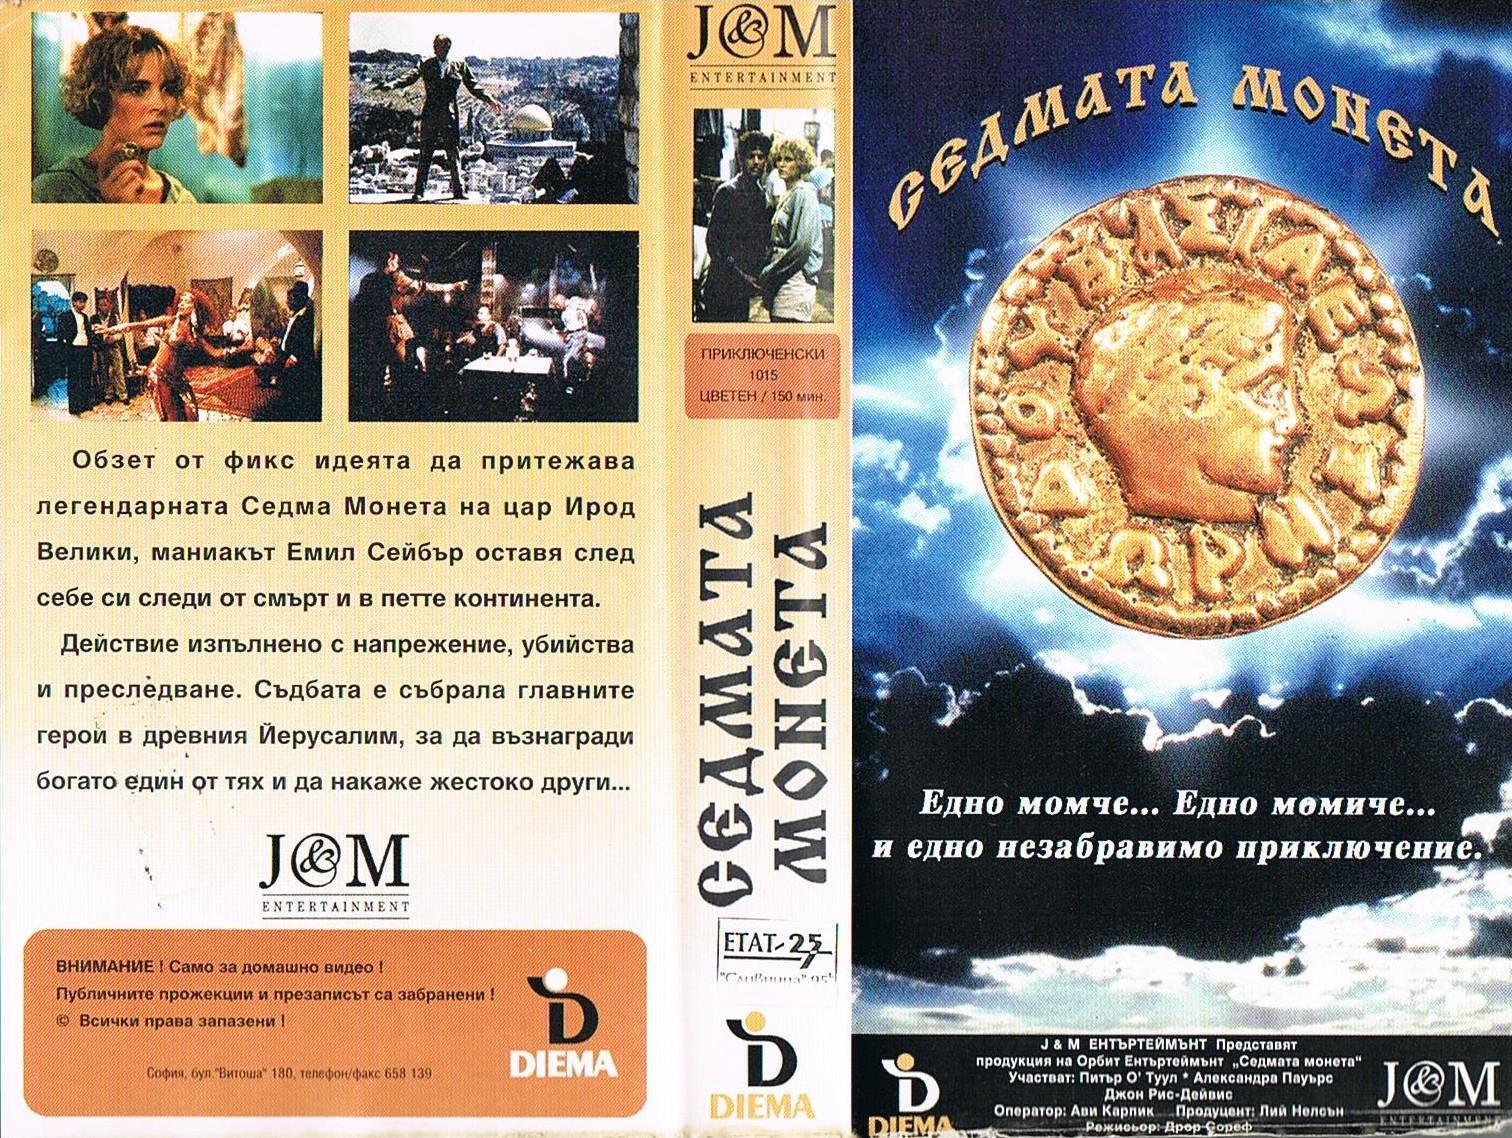 Седмата монета филм постер